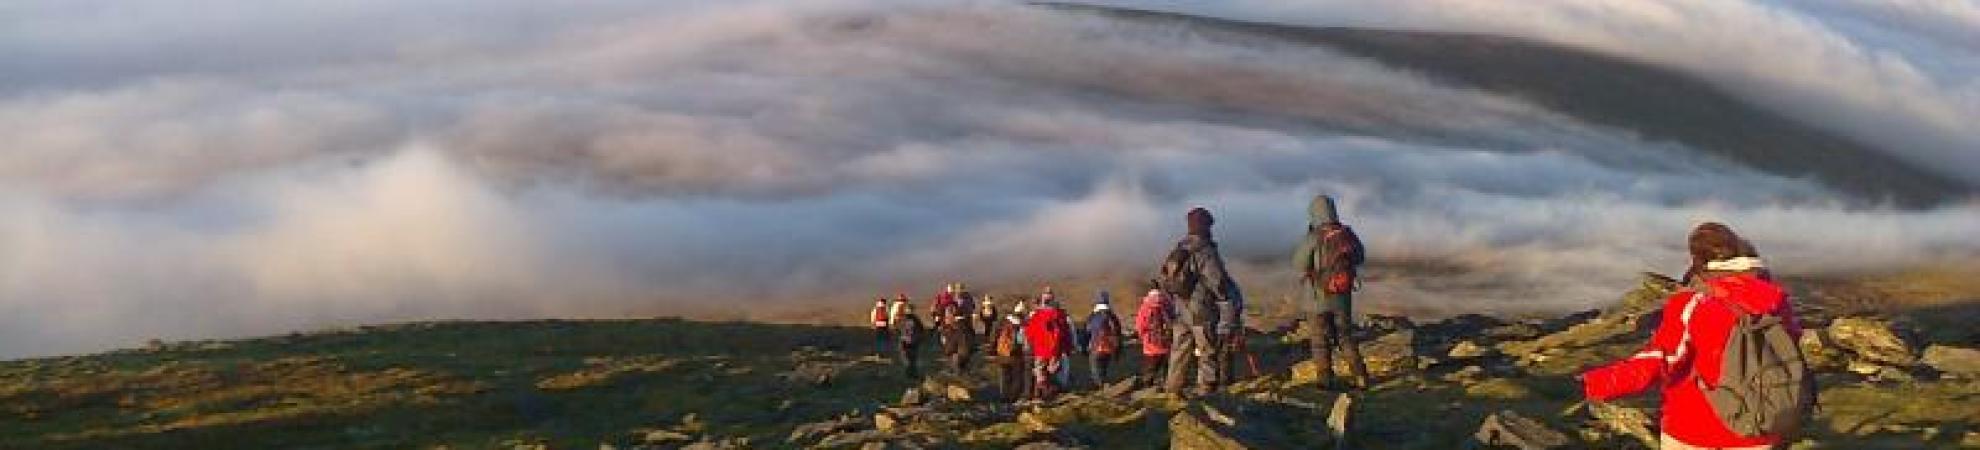 mountain skills extreme ireland